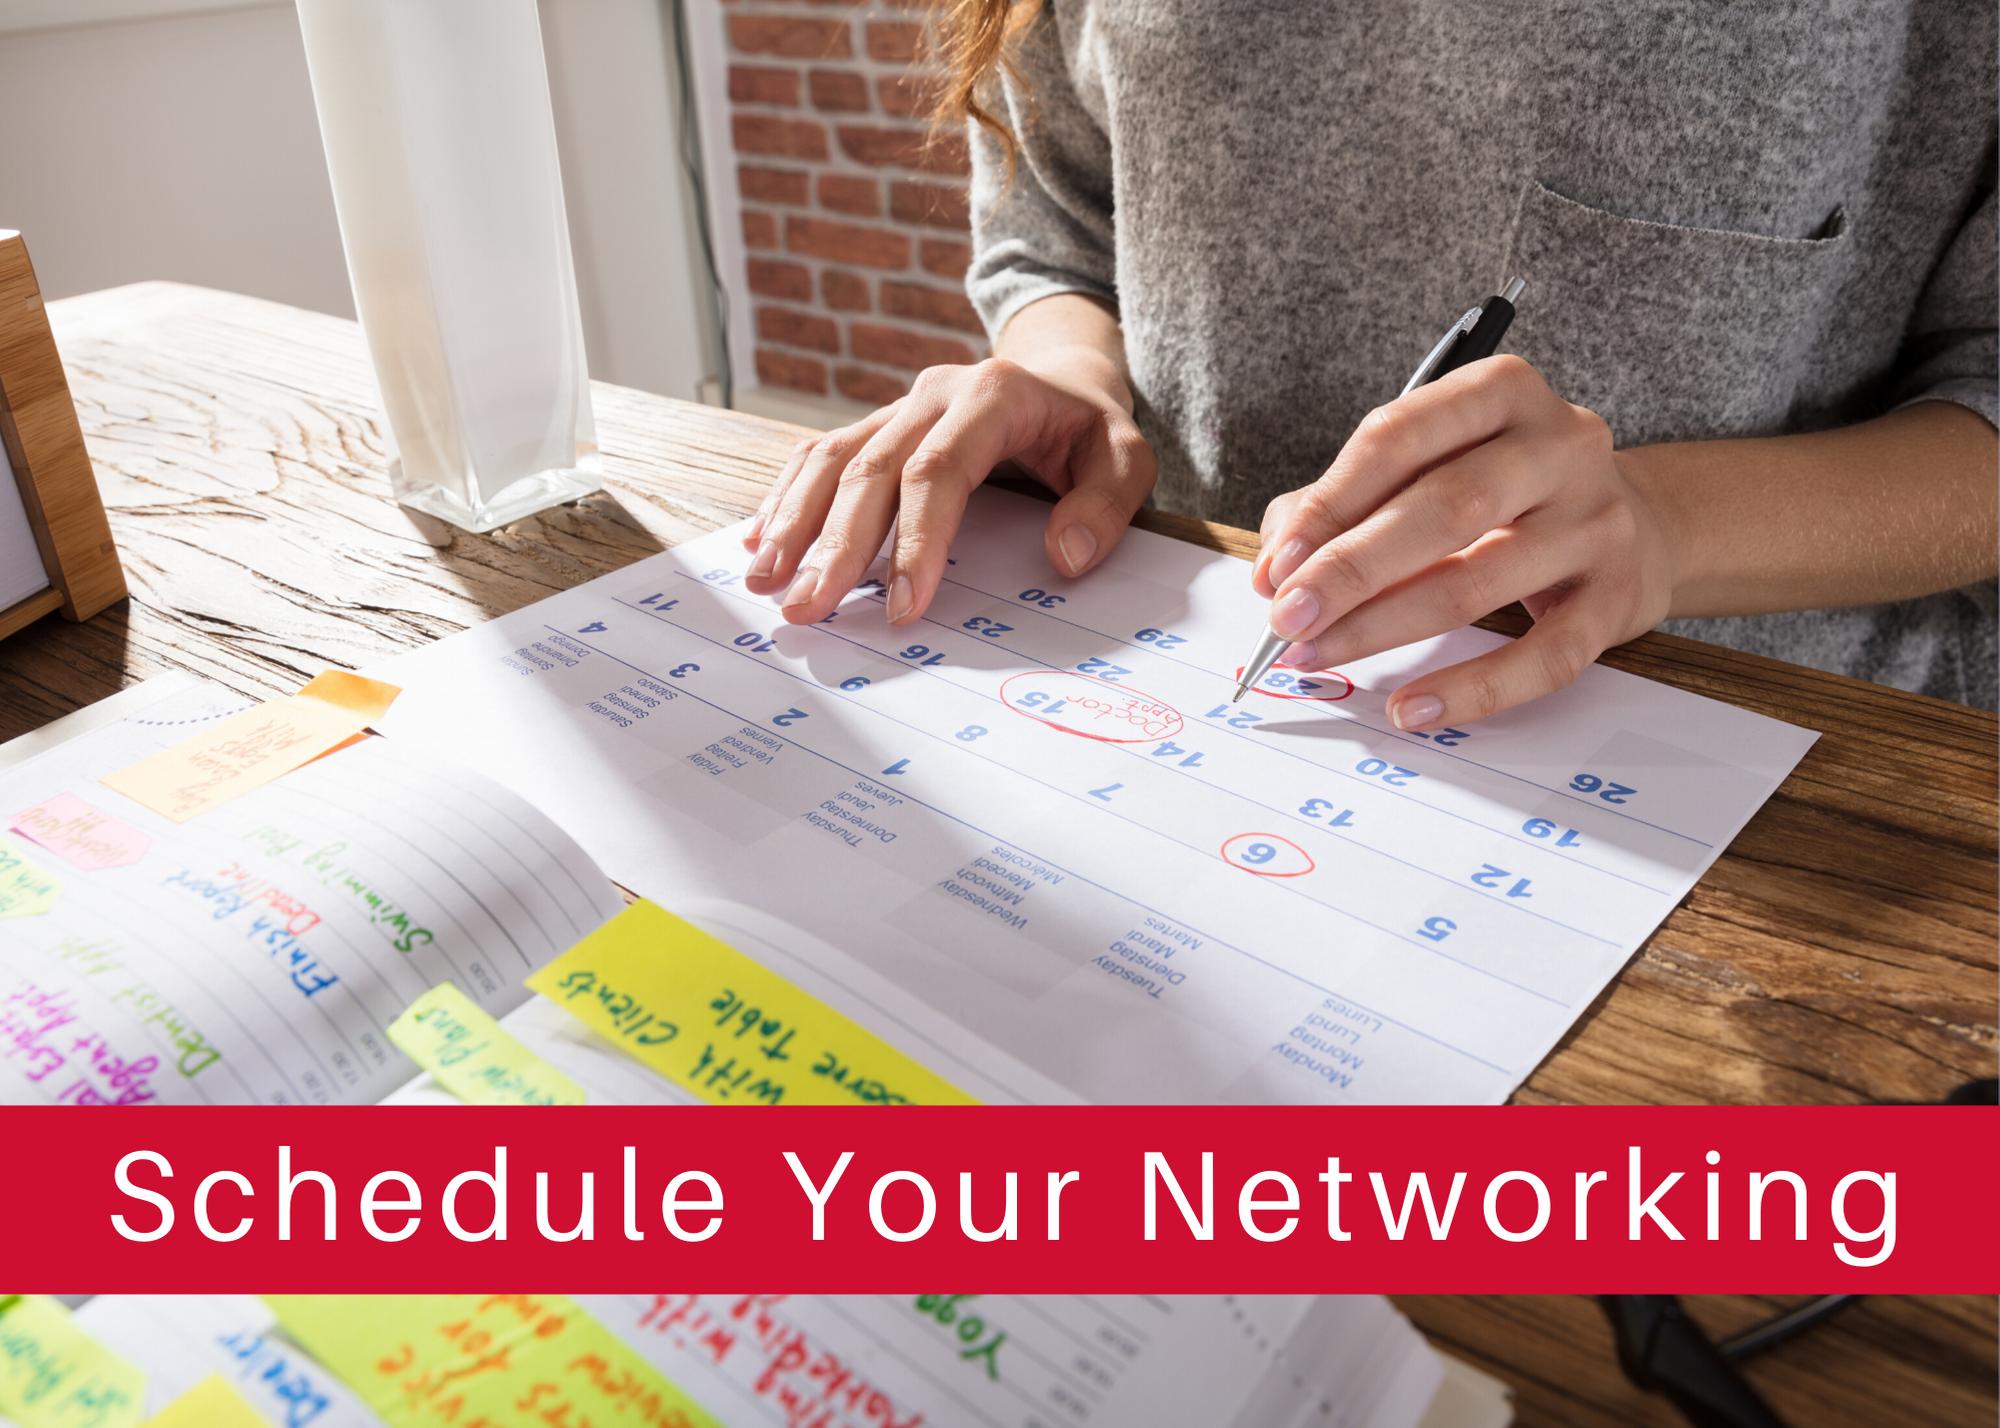 Schedule Your Networking - Calendar